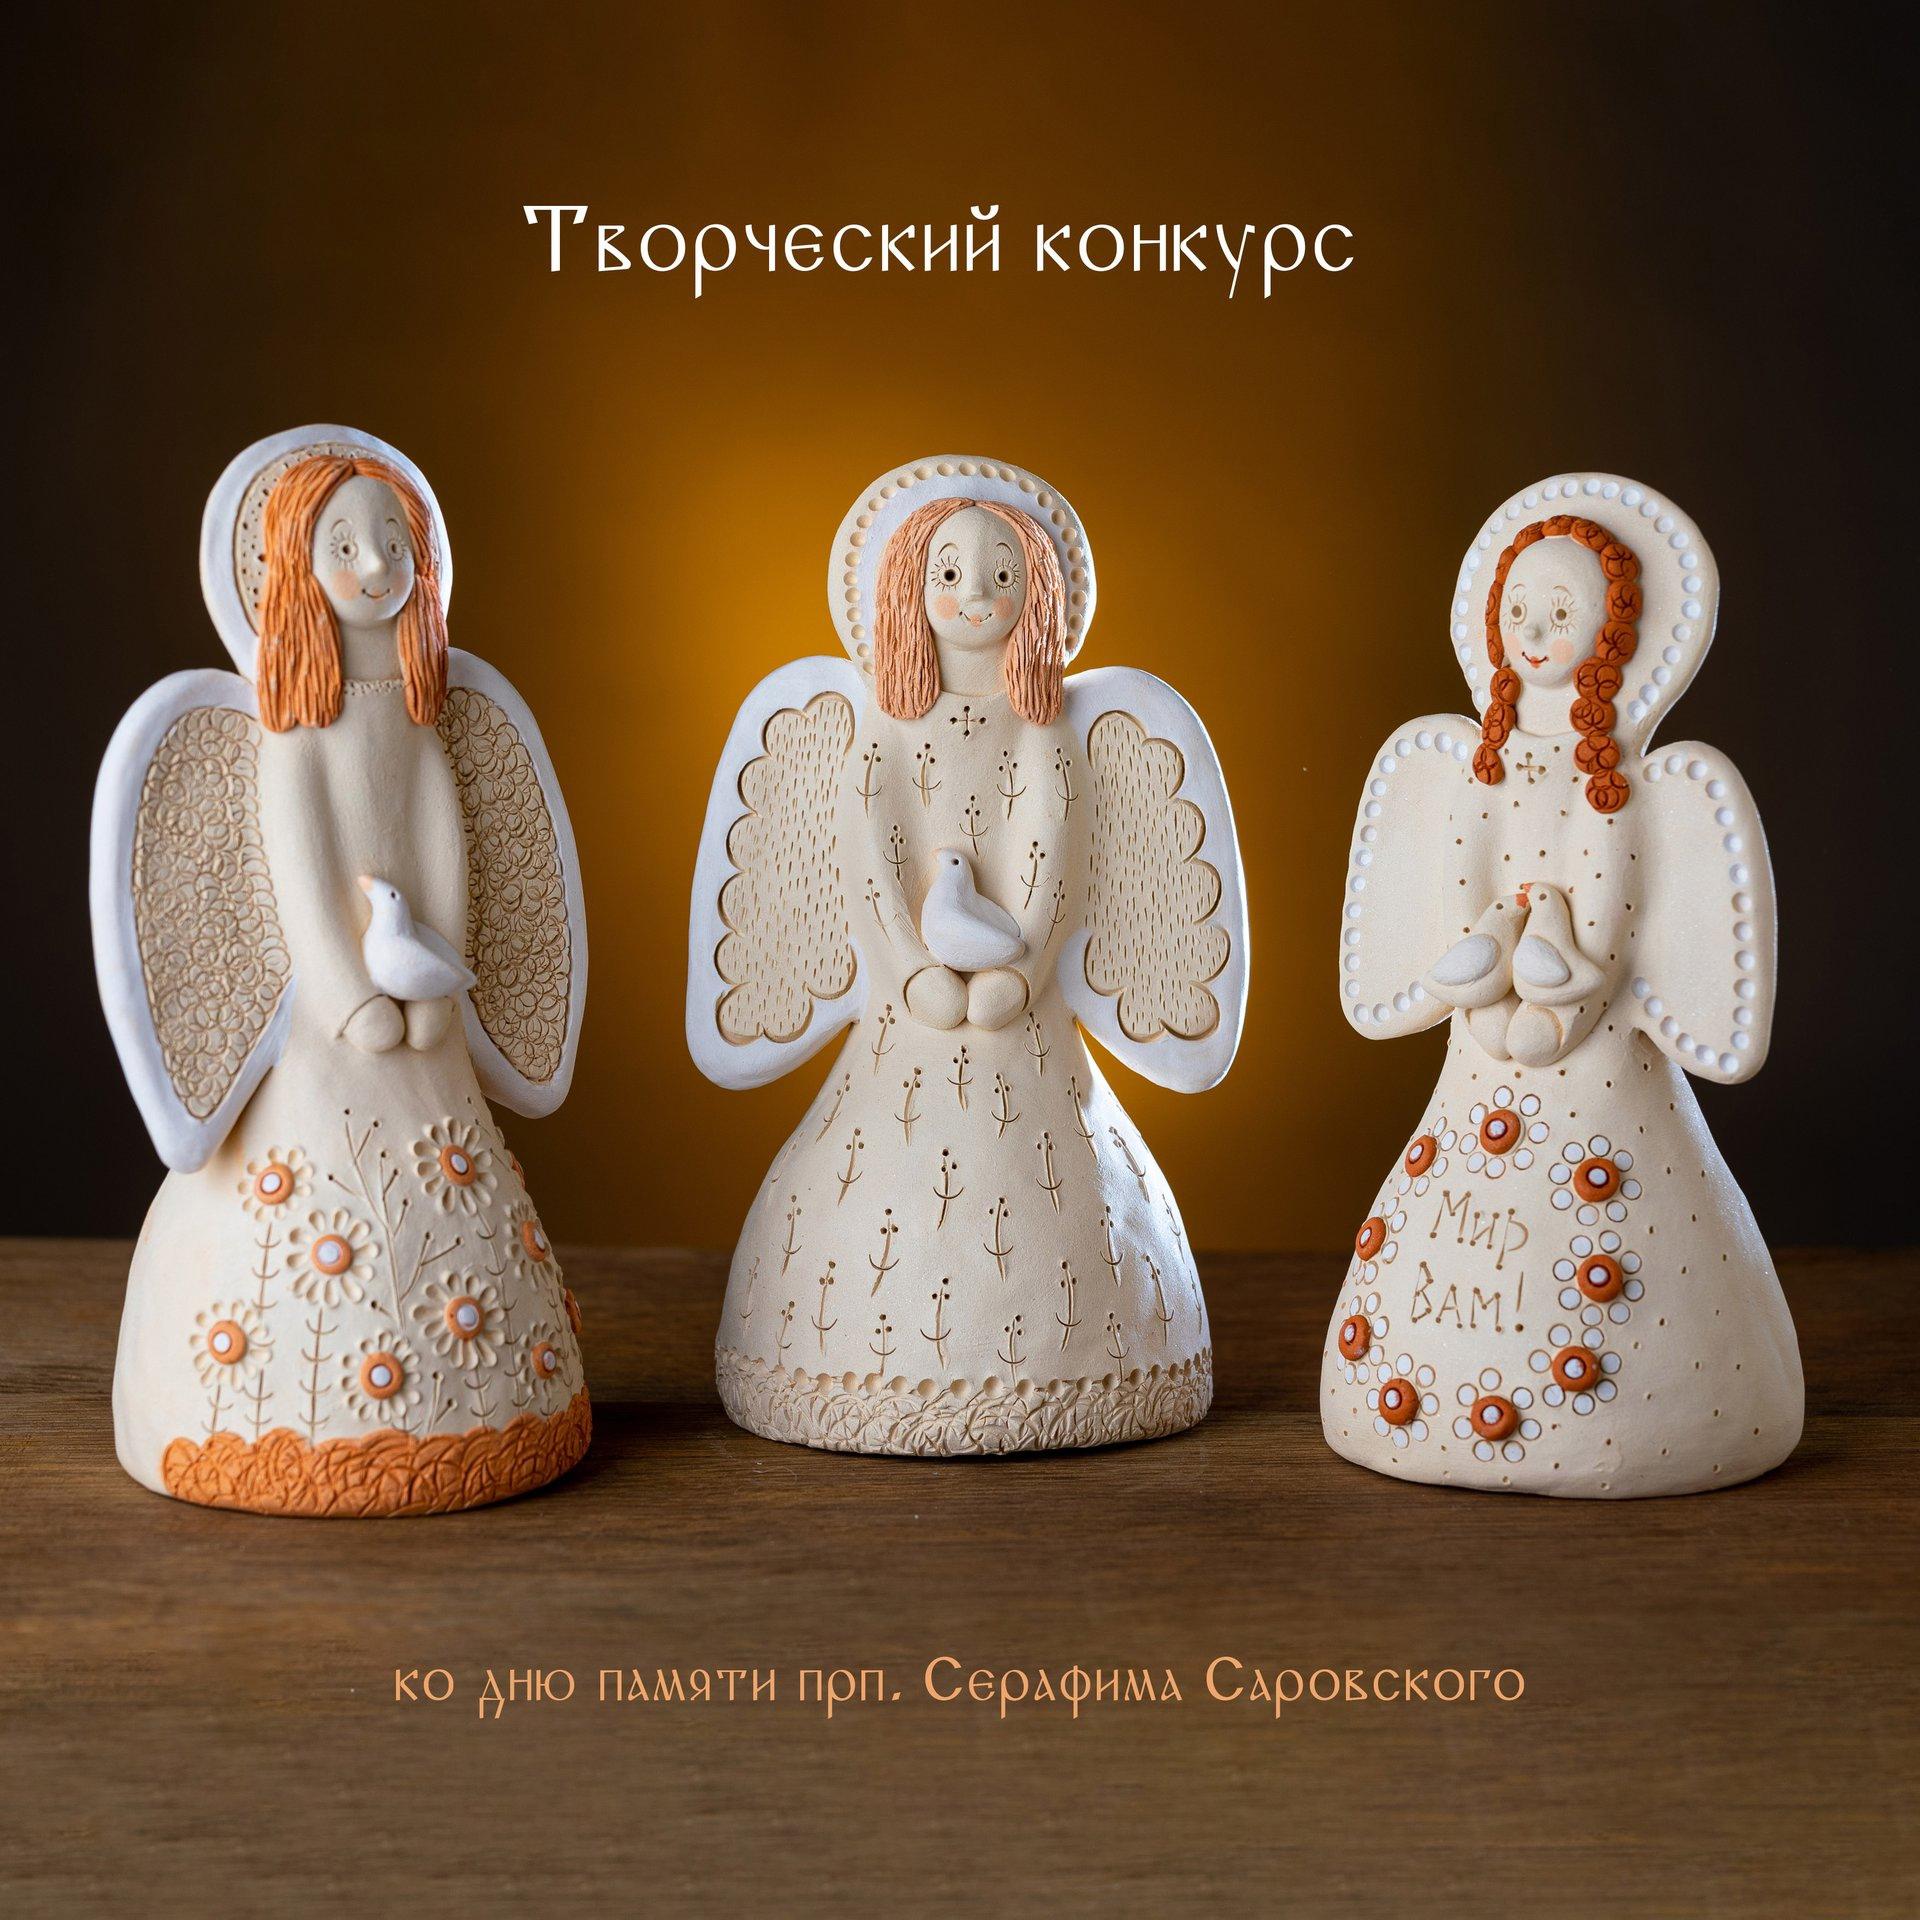 Творческий конкурс, приуроченный ко дню памяти преподобного Серафима Саровского, стартовал в социальных сетях